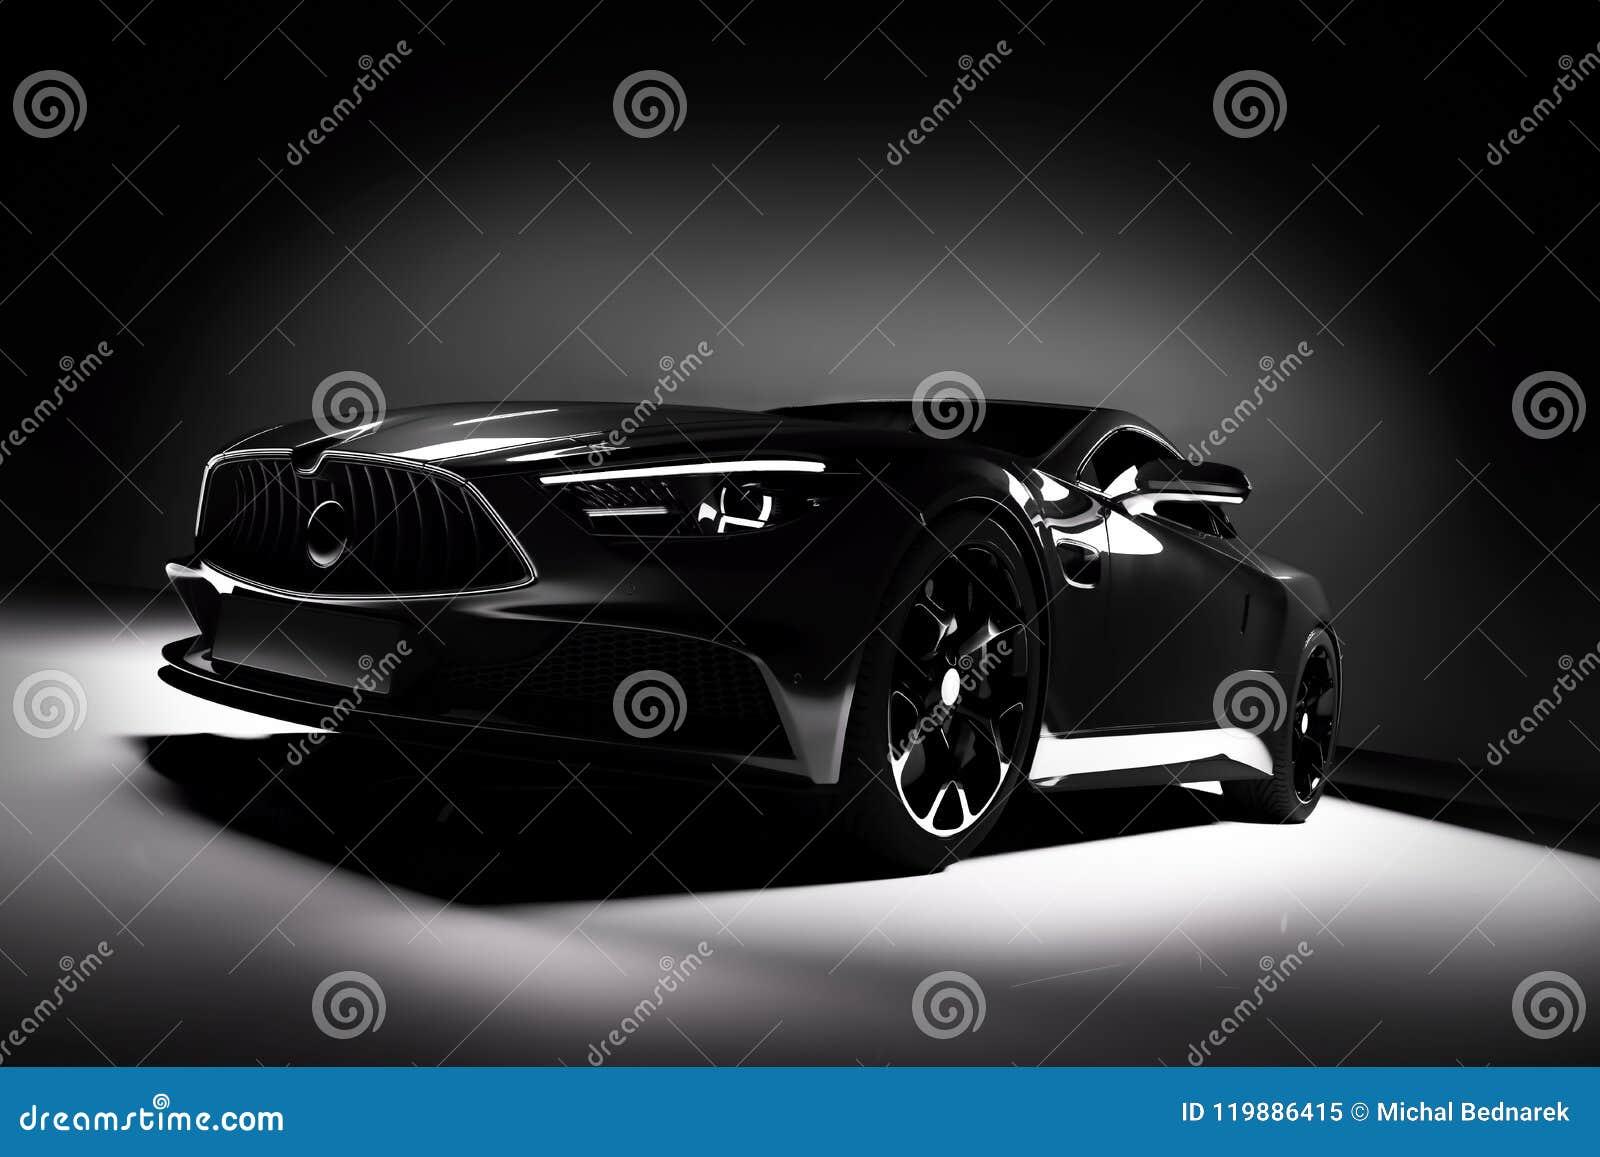 Moderne zwarte sportwagen in een schijnwerper op een zwarte